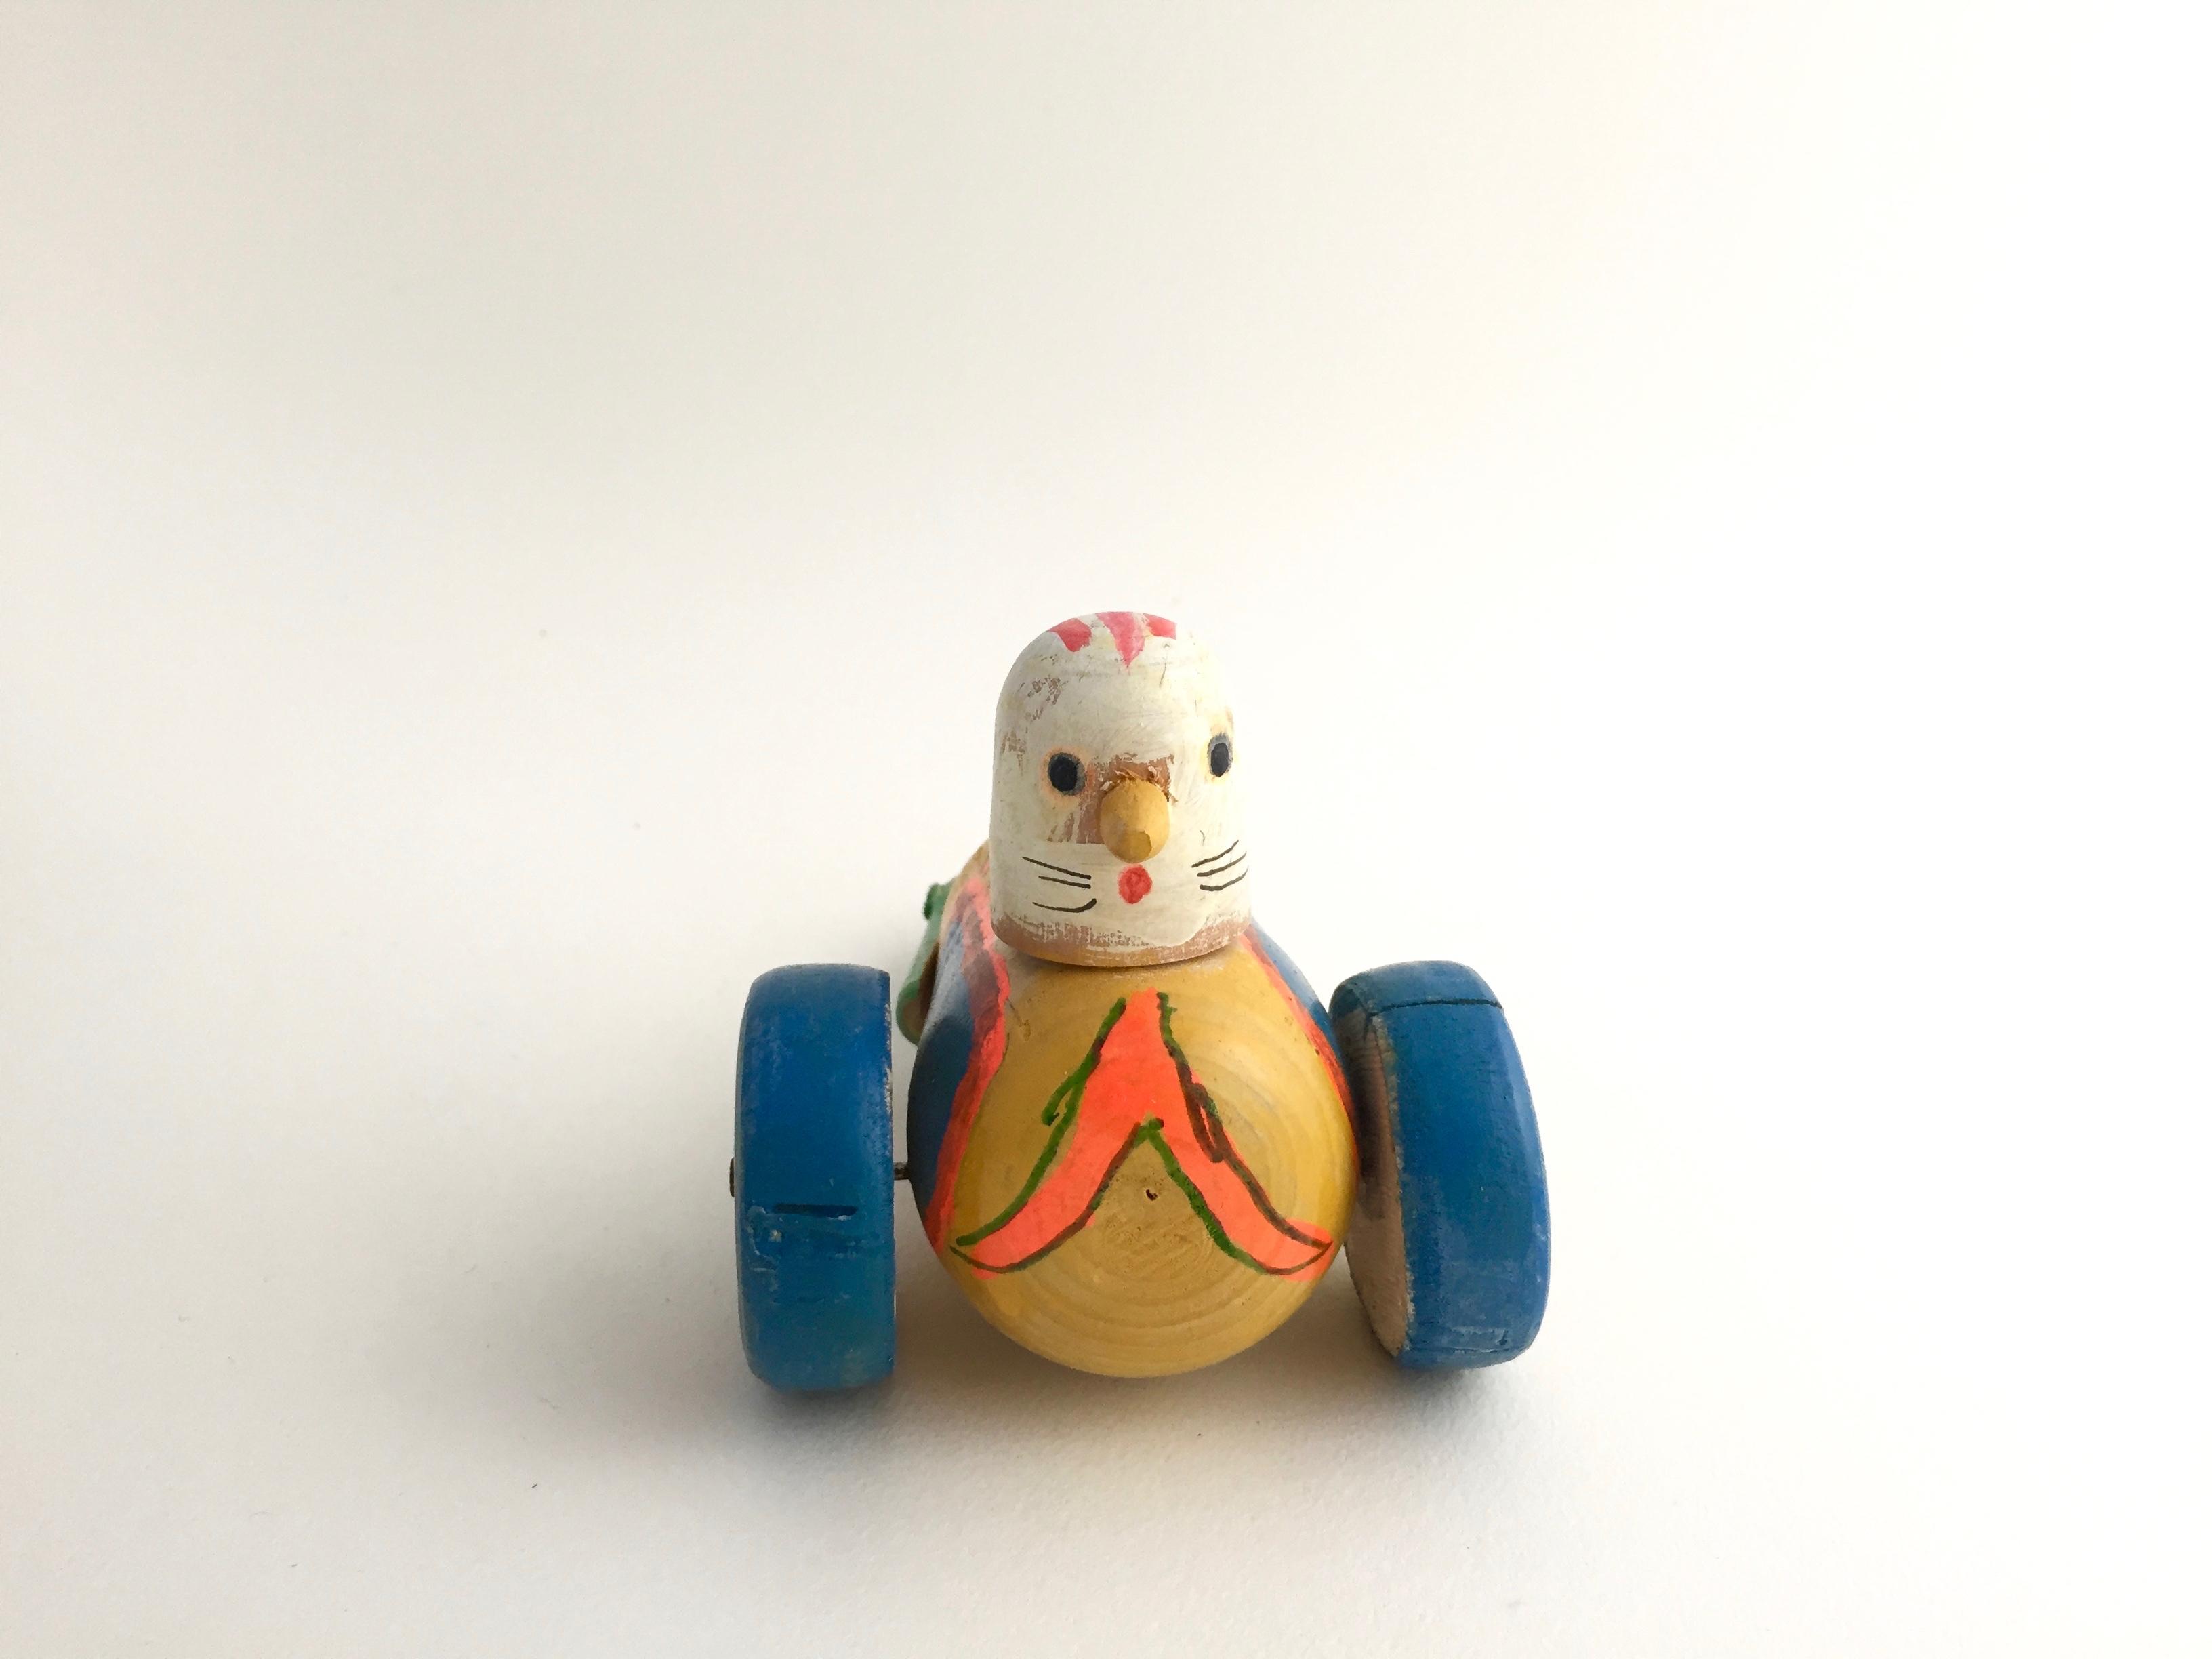 はりまや木地玩具「ハトの車」